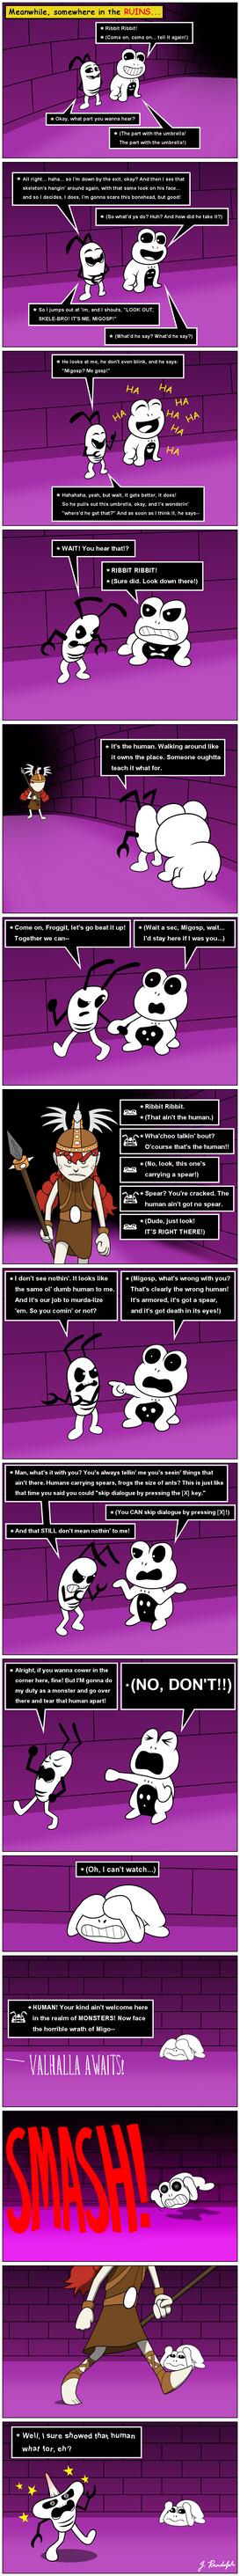 Wigfrid in Undertale - page 11 by Arrog-Ent-Alien